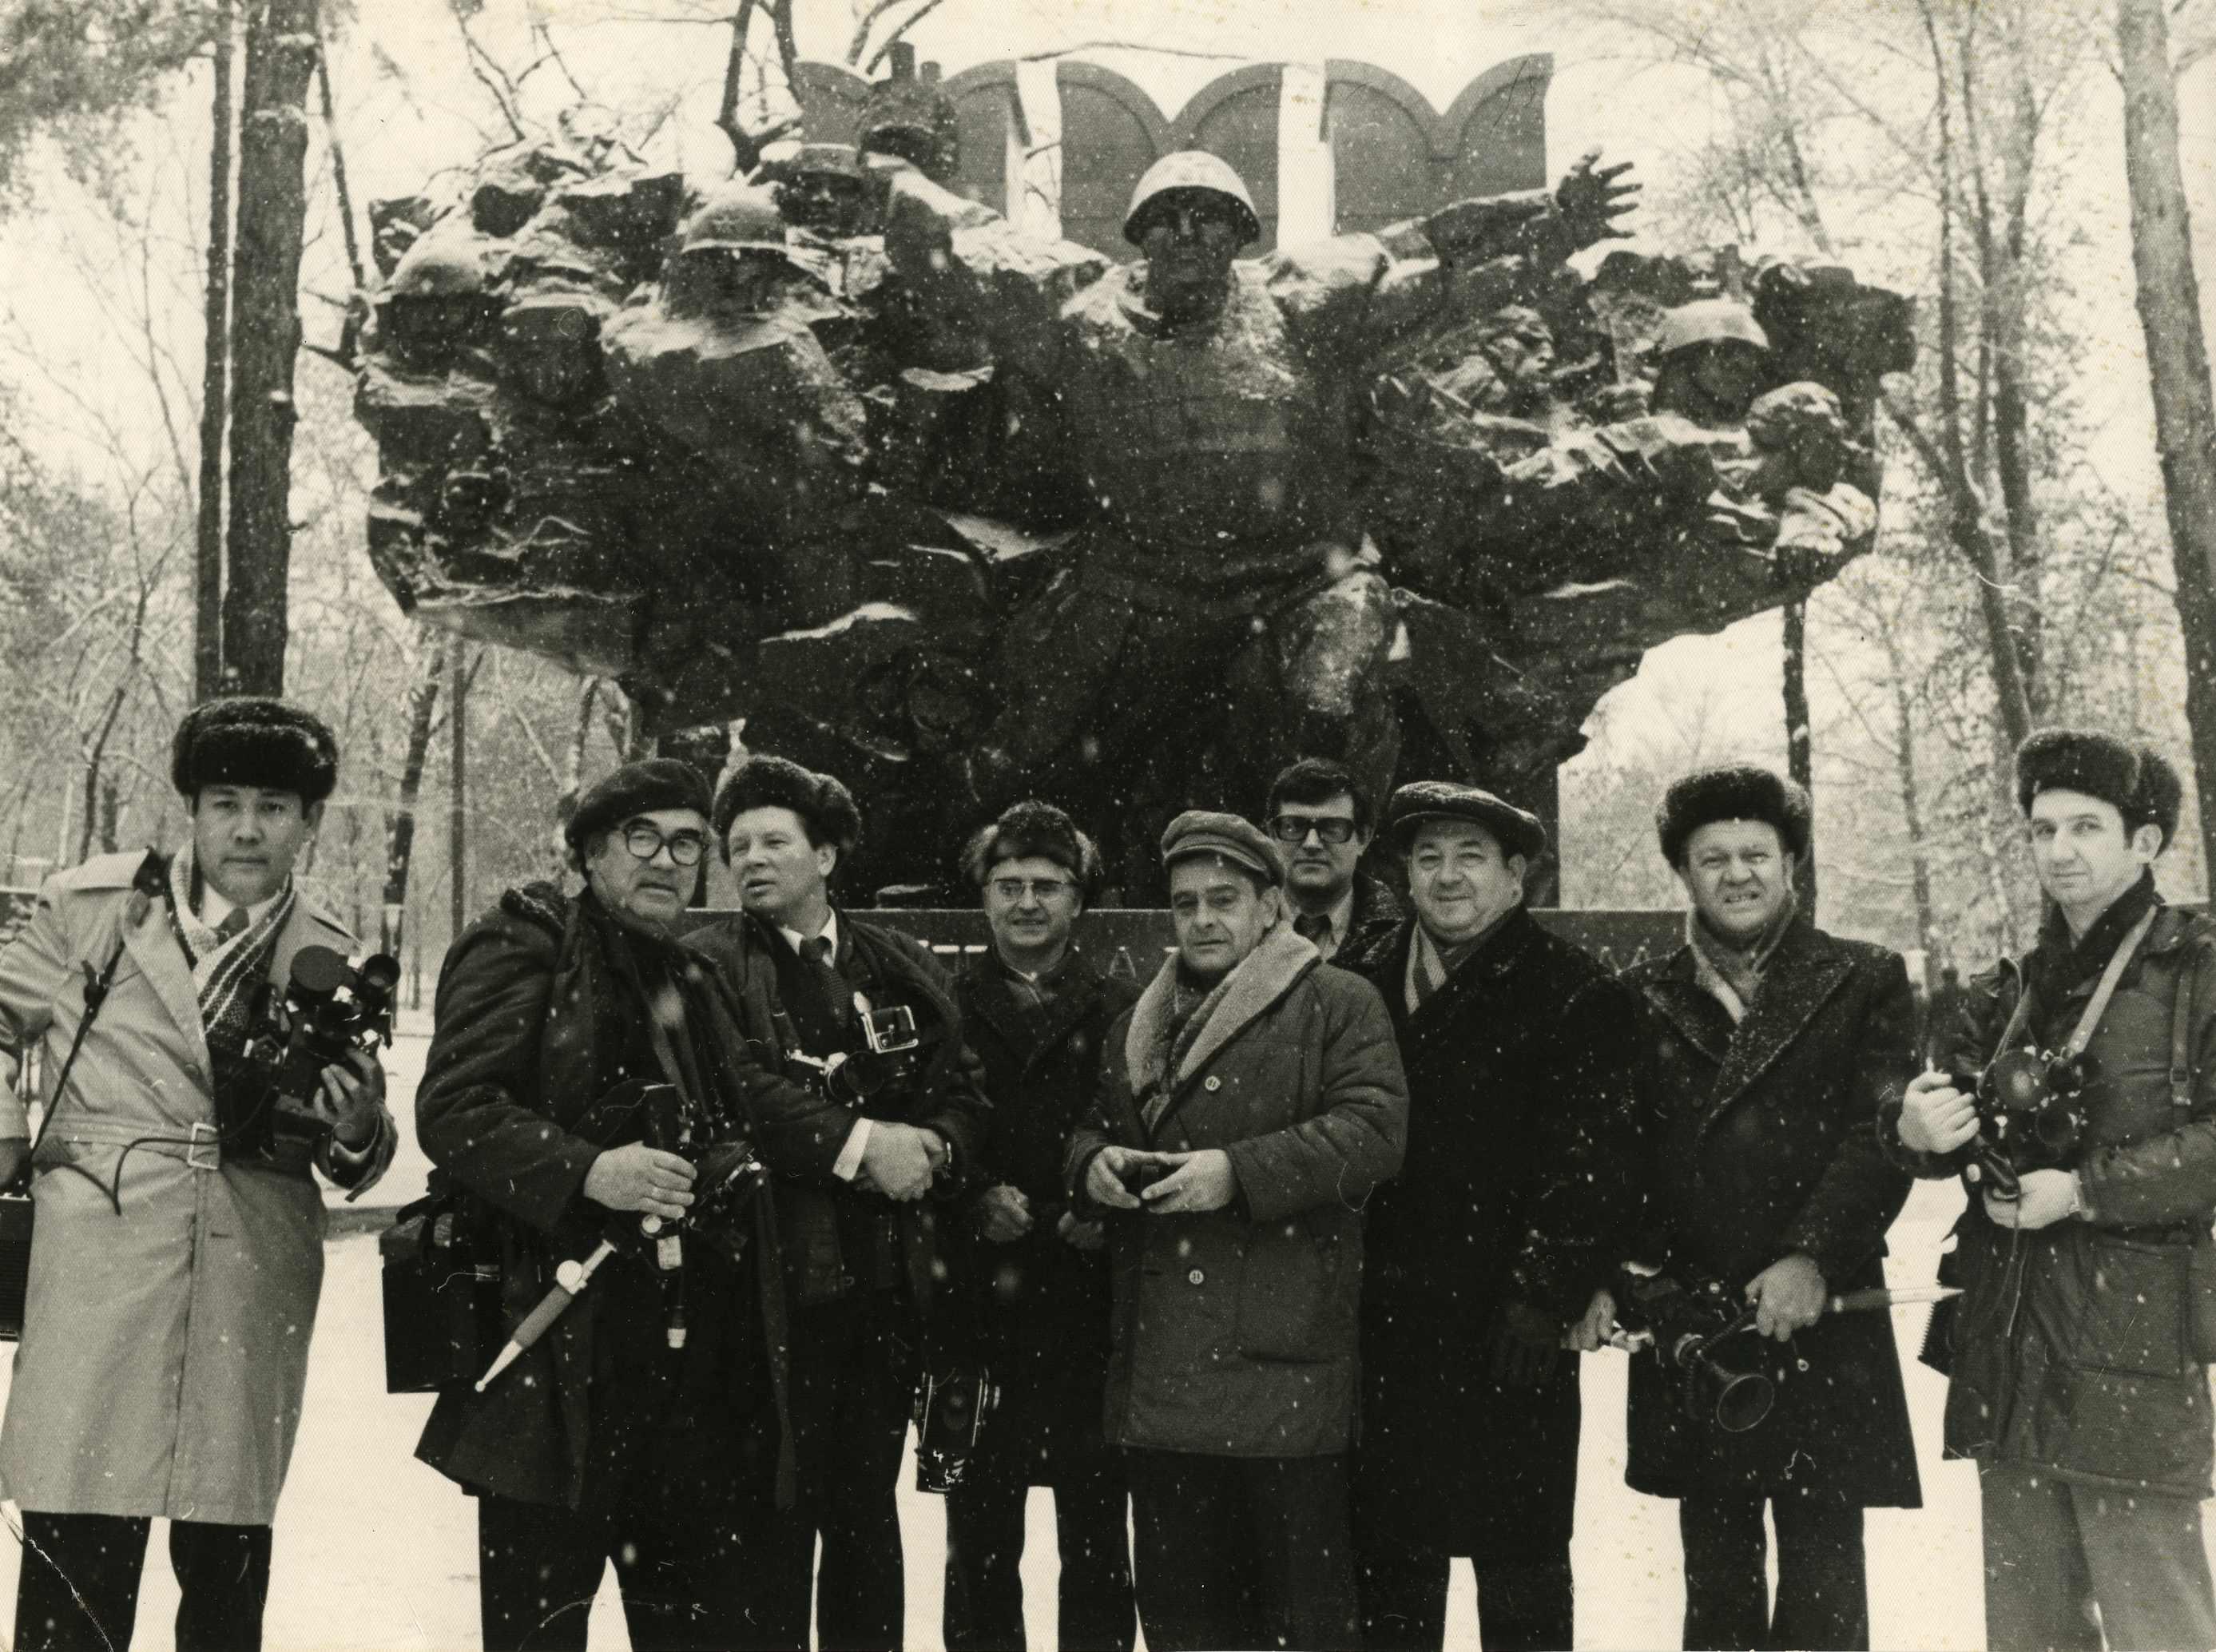 Экспонат #21. Польские корреспонденты и советские операторы в Алма-Ата. 1976 год